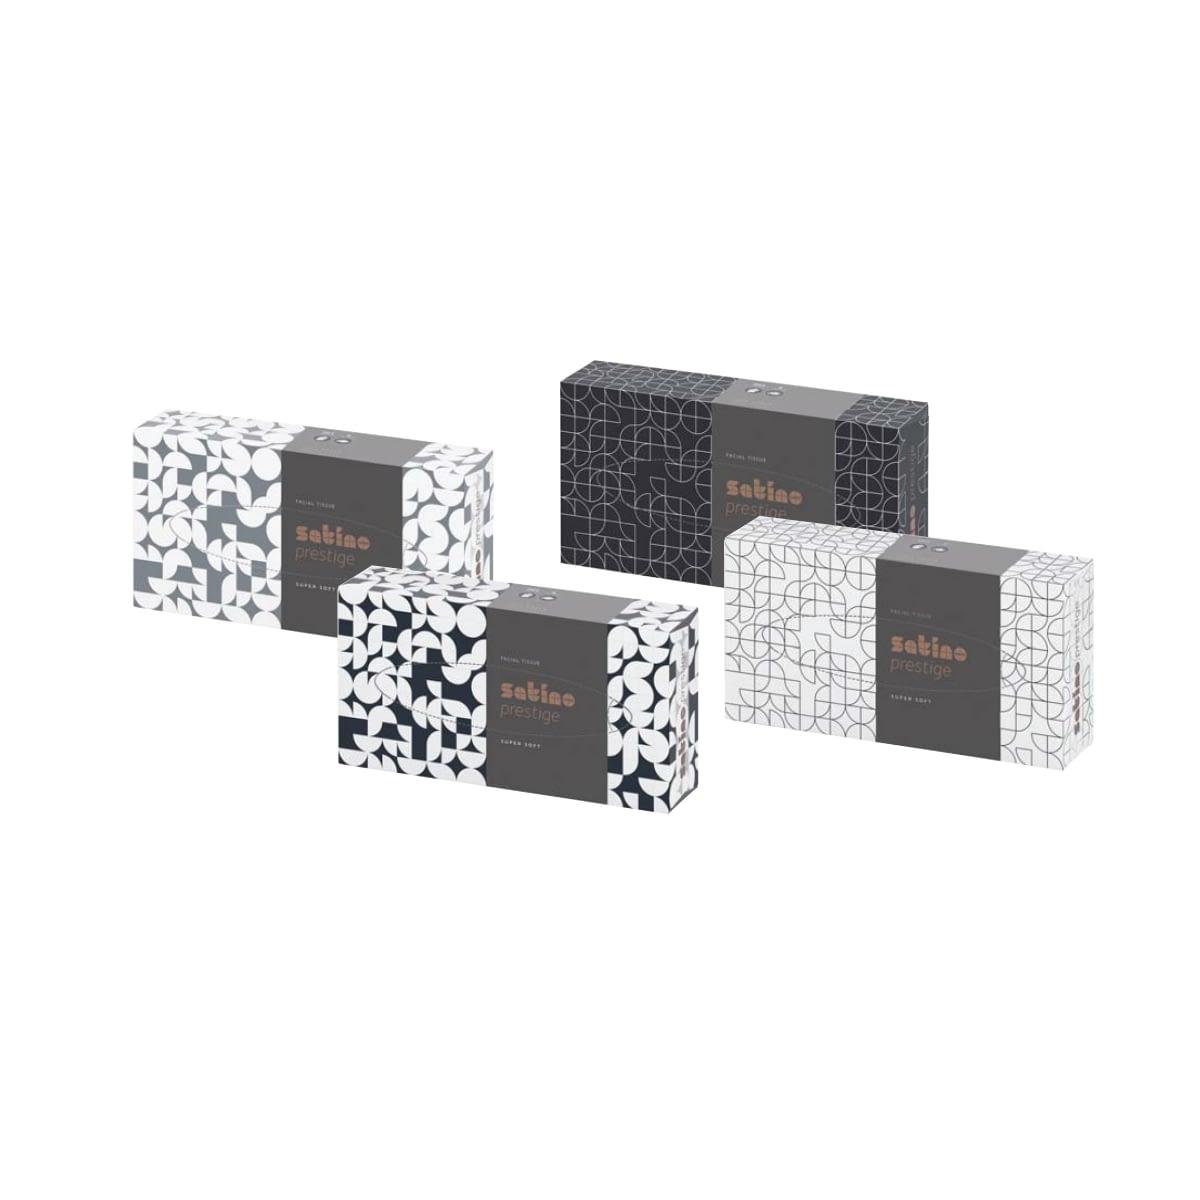 TTC Kozmetičke maramice u kutiji FLACHBOXEN, Satino Prestige, 100% celuloza, 2 sloja, 21×20.5cm. Pakovanje: 100 maramica